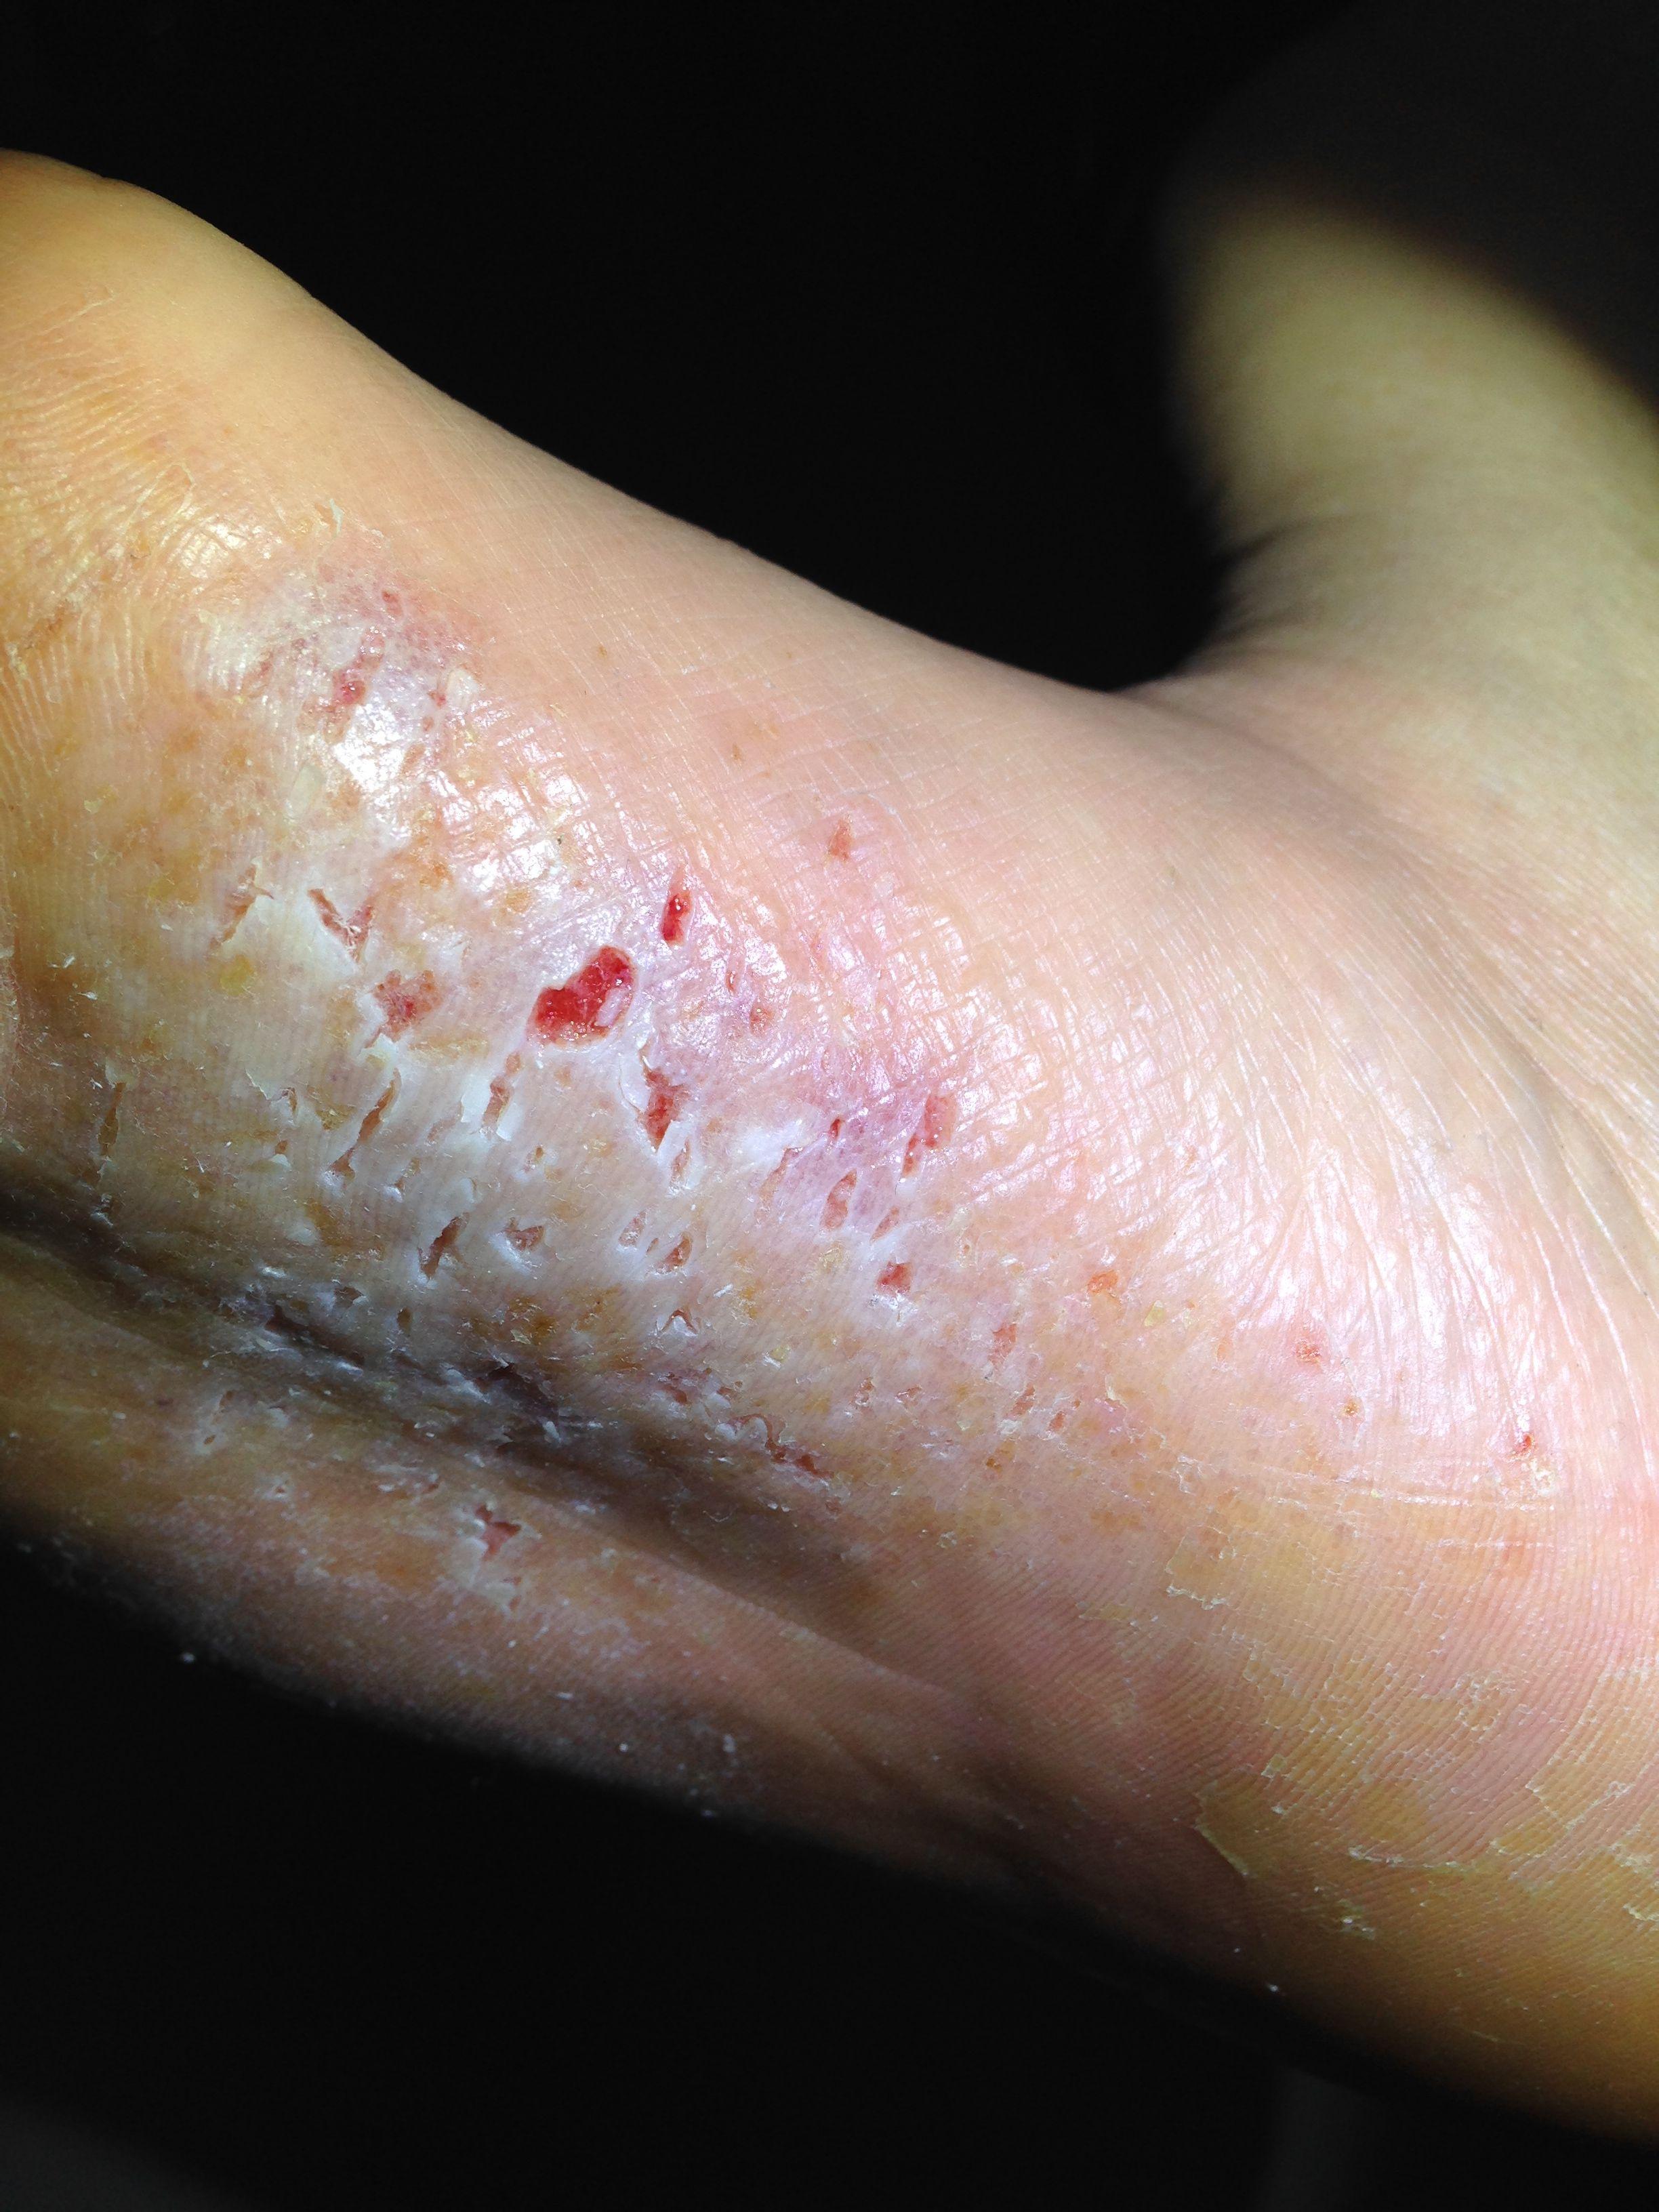 脚上真菌感染,原来无脚气